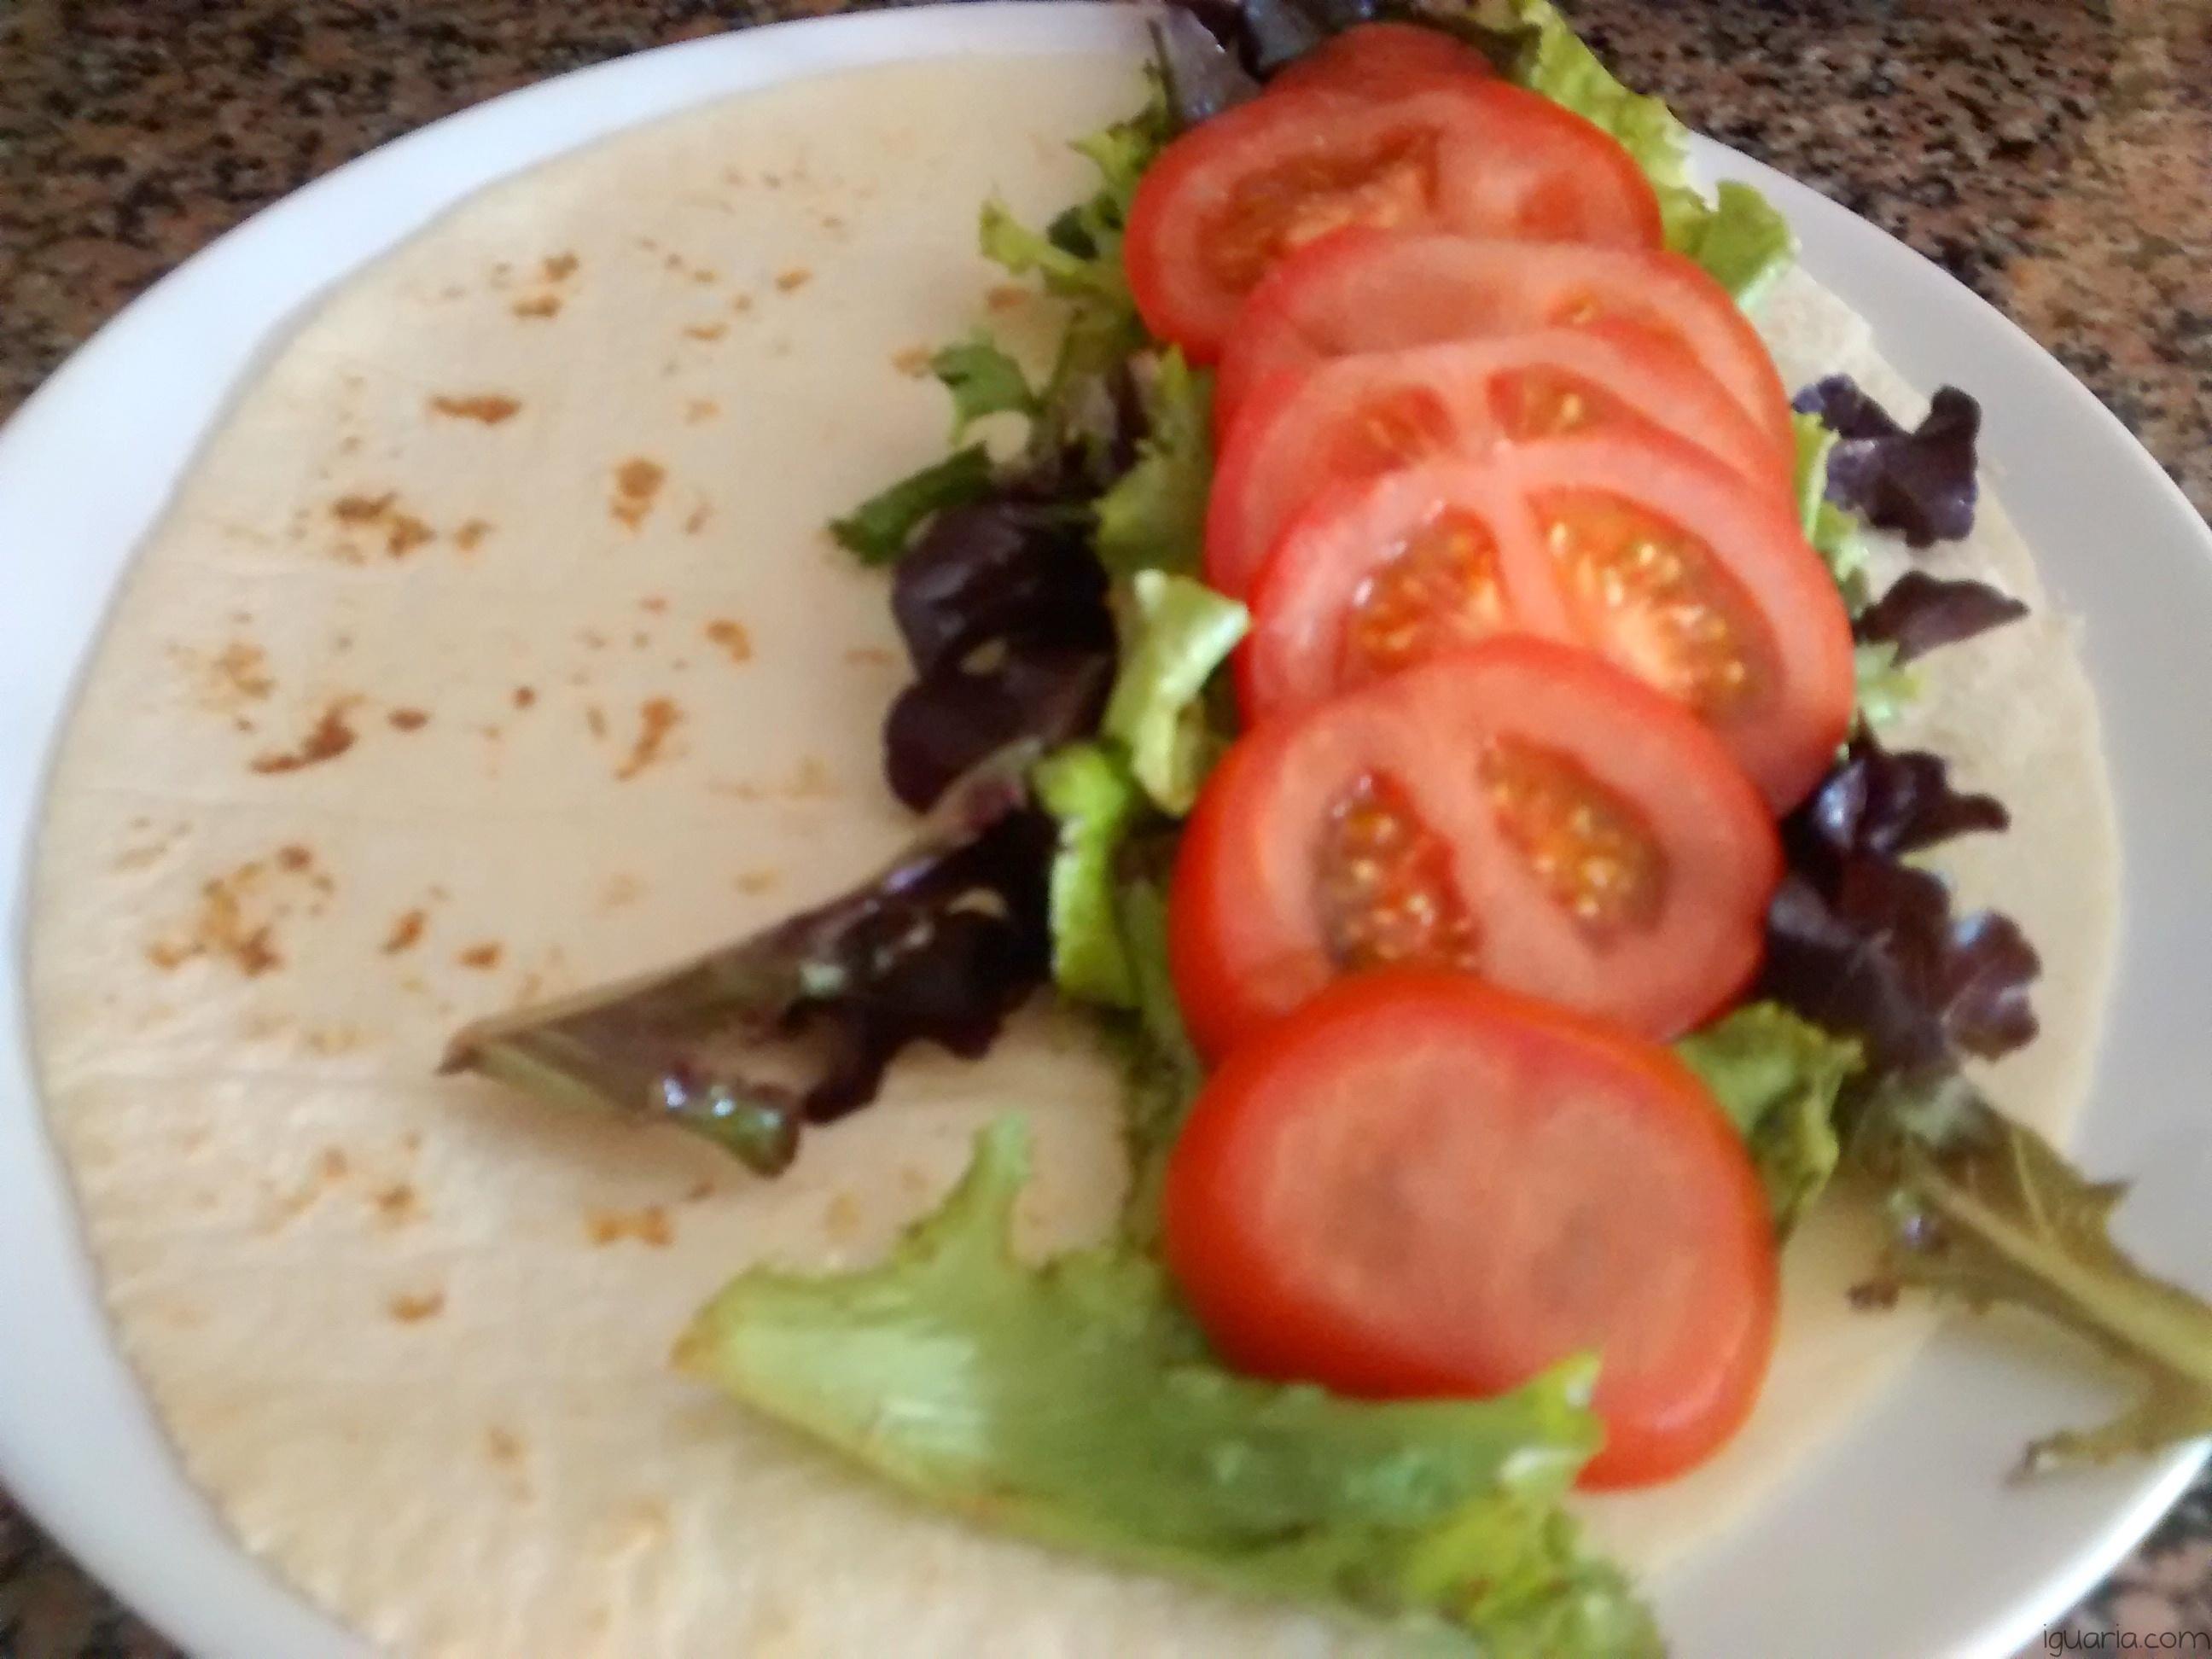 Iguaria_Adicionar-Tomate-e-Salada